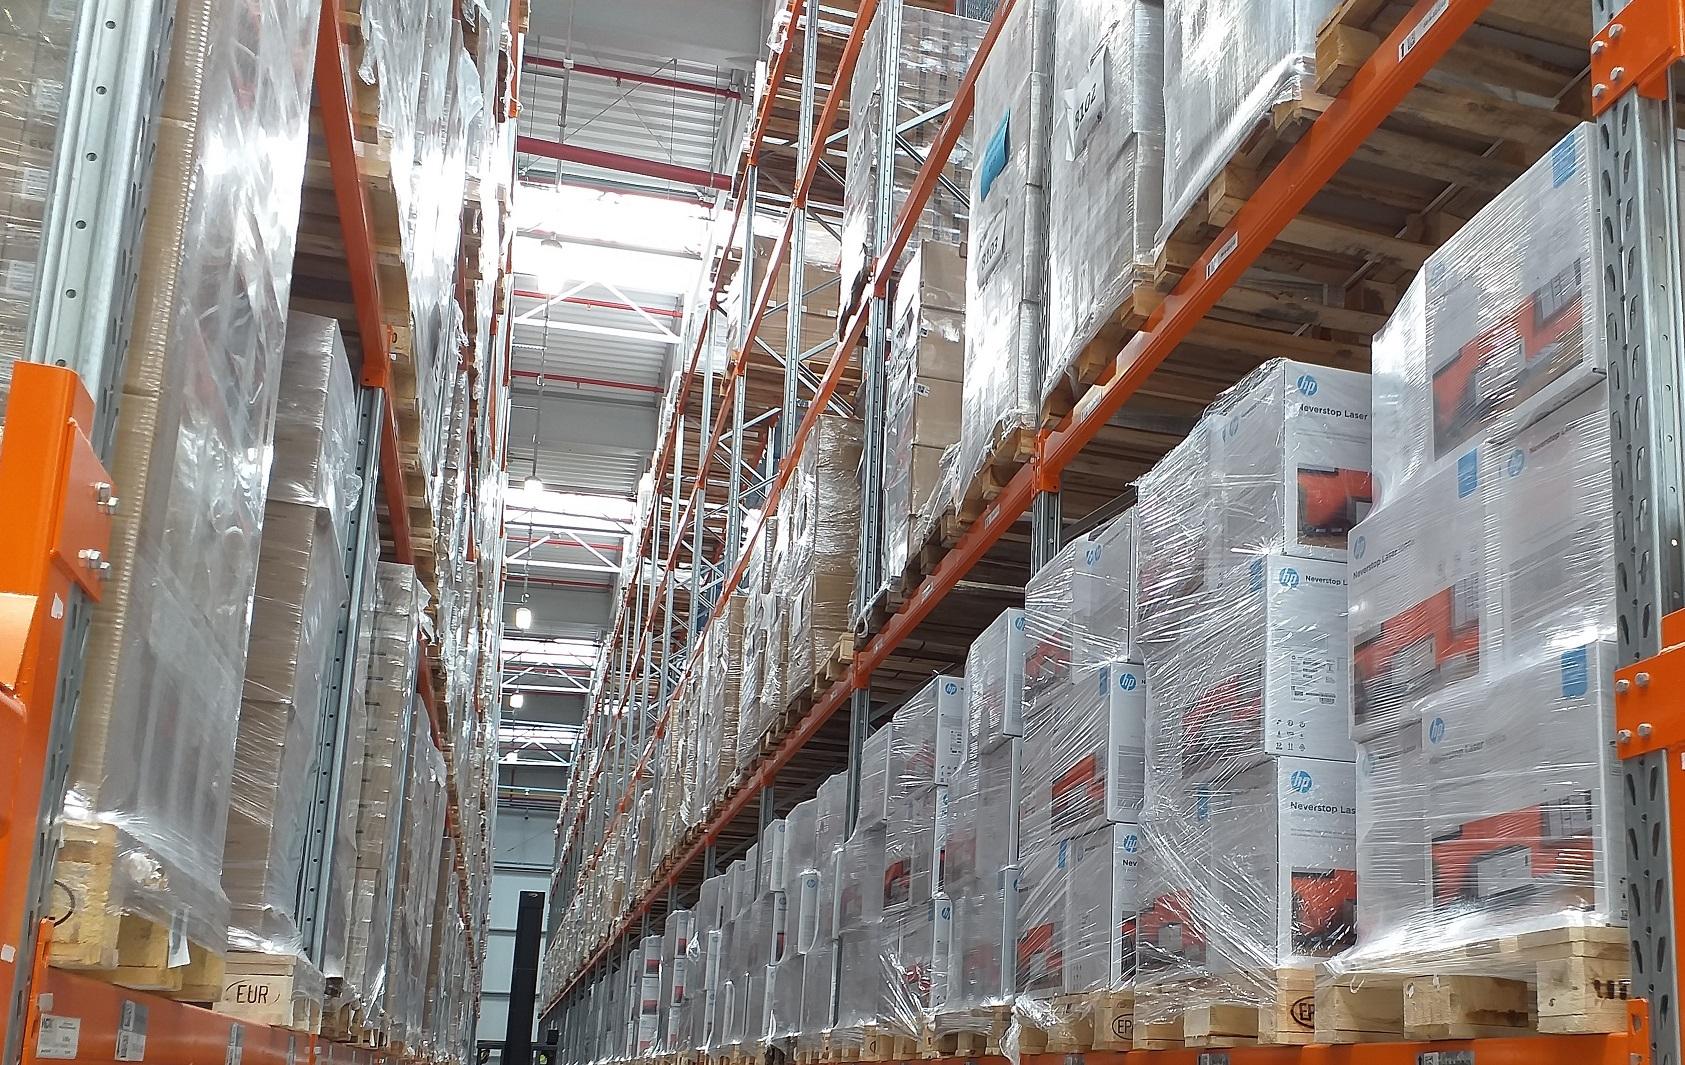 Magazyn Fundacji Polsat, gdzie drukarki HP czekają na rozesłanie (fot.materiały prasowe)